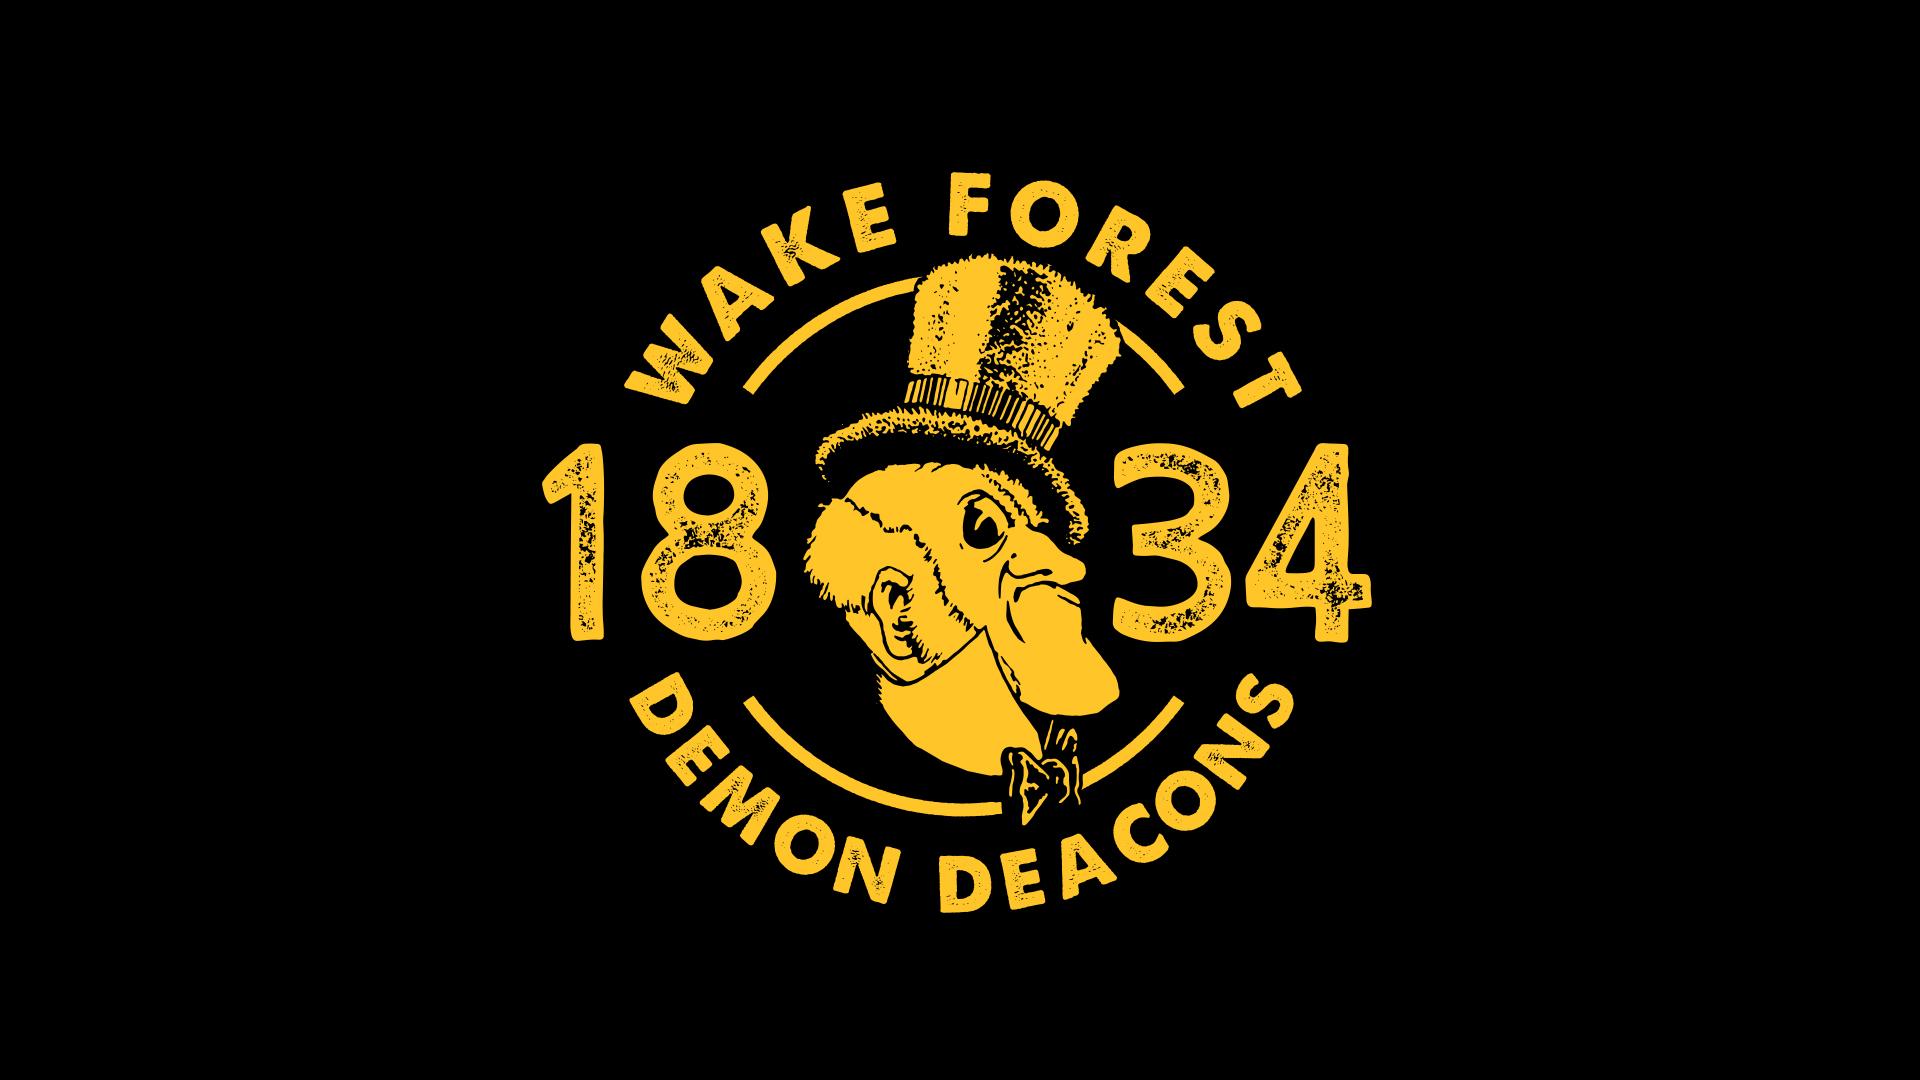 1834 Deac desktop download